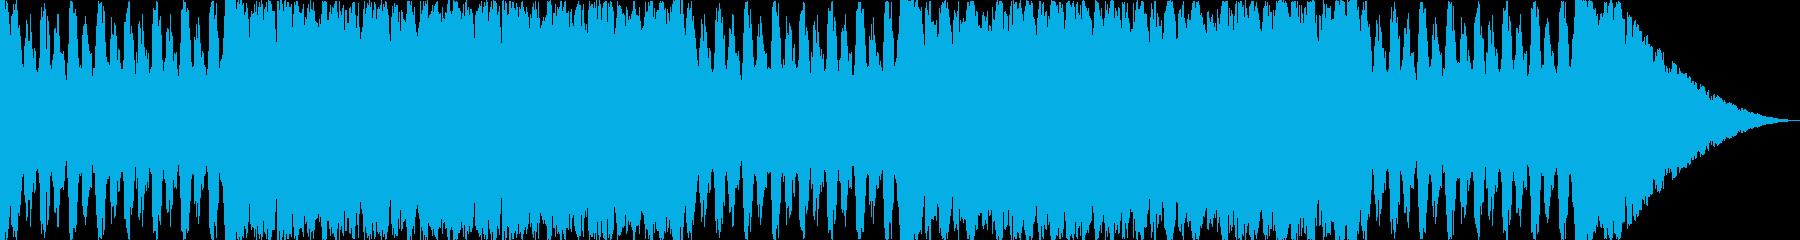 ストリングスの行進曲風オーケストラの再生済みの波形